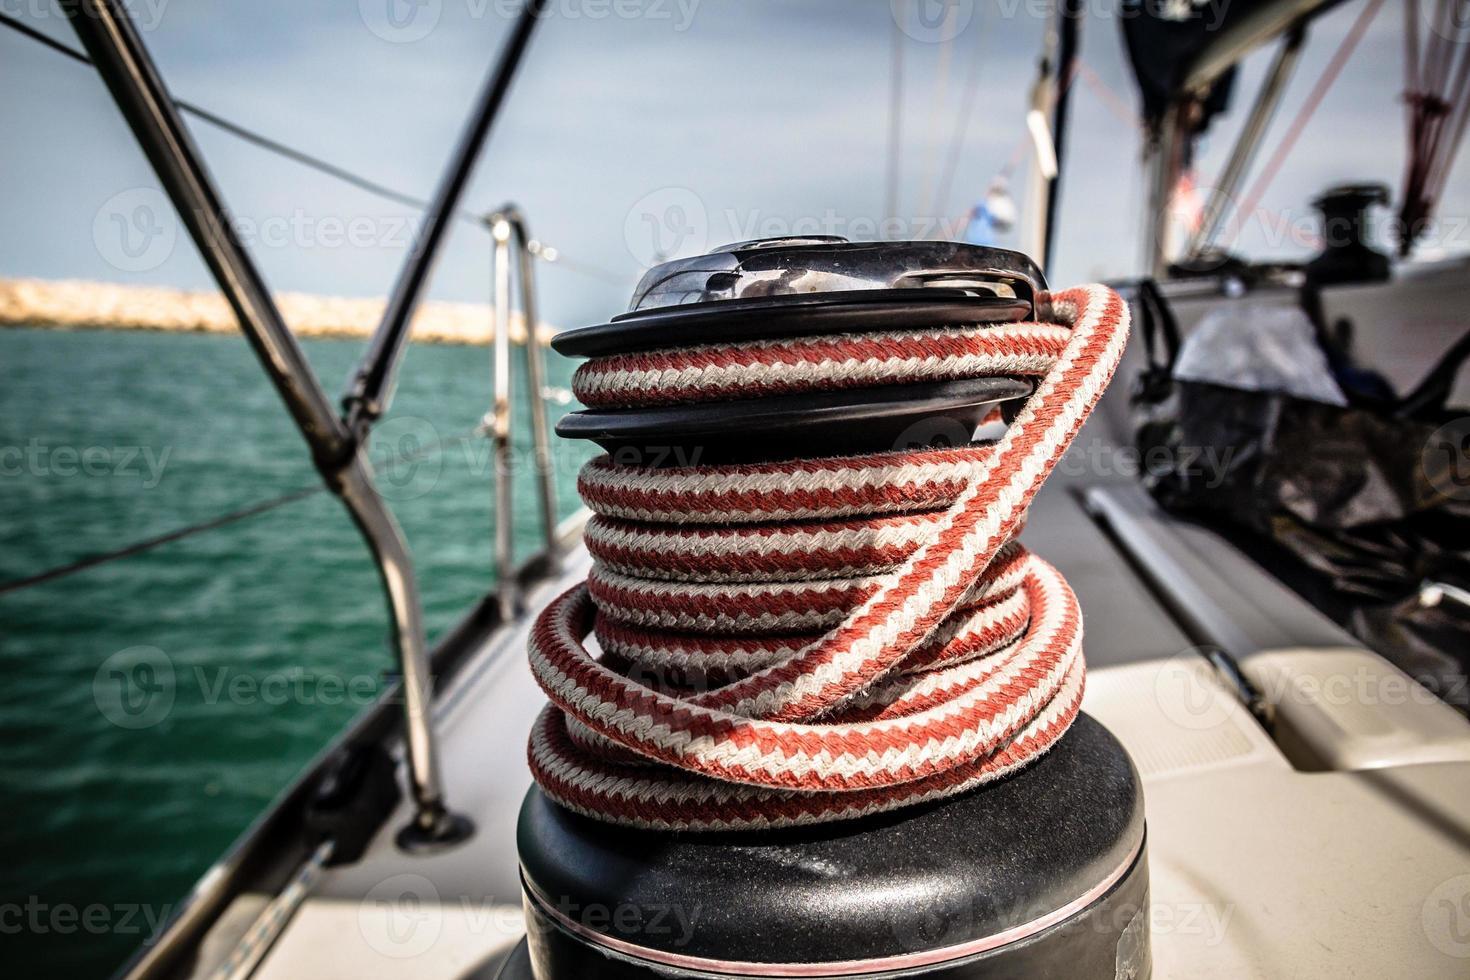 vinsch med rött och vitt rep på segelbåt i havet foto